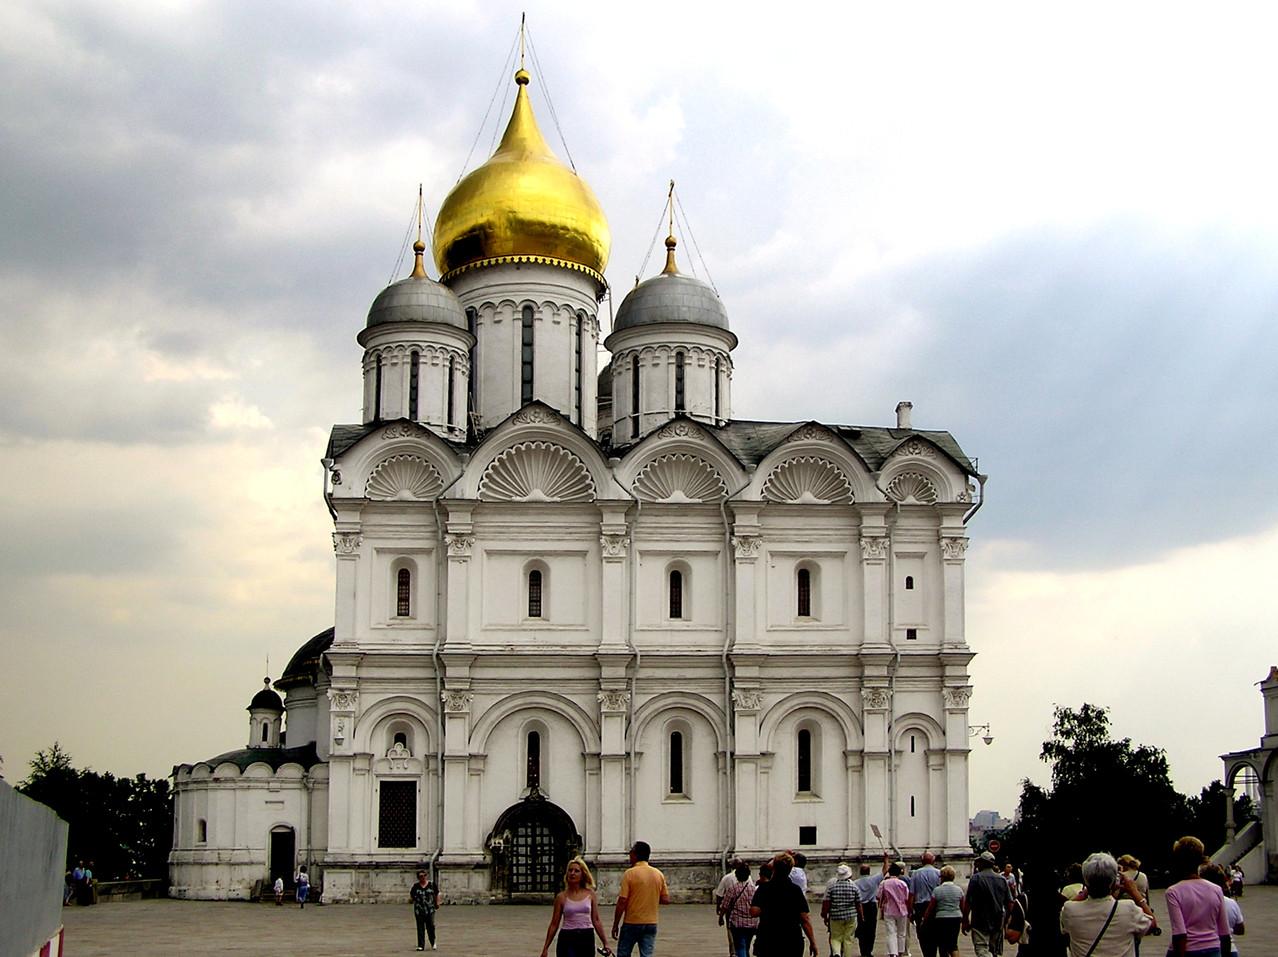 und gegenüber die Erzengel-Kathedrale aus 1505, in der die Zaren und Großfürsten bestattet wurden: 48 Sarkophage